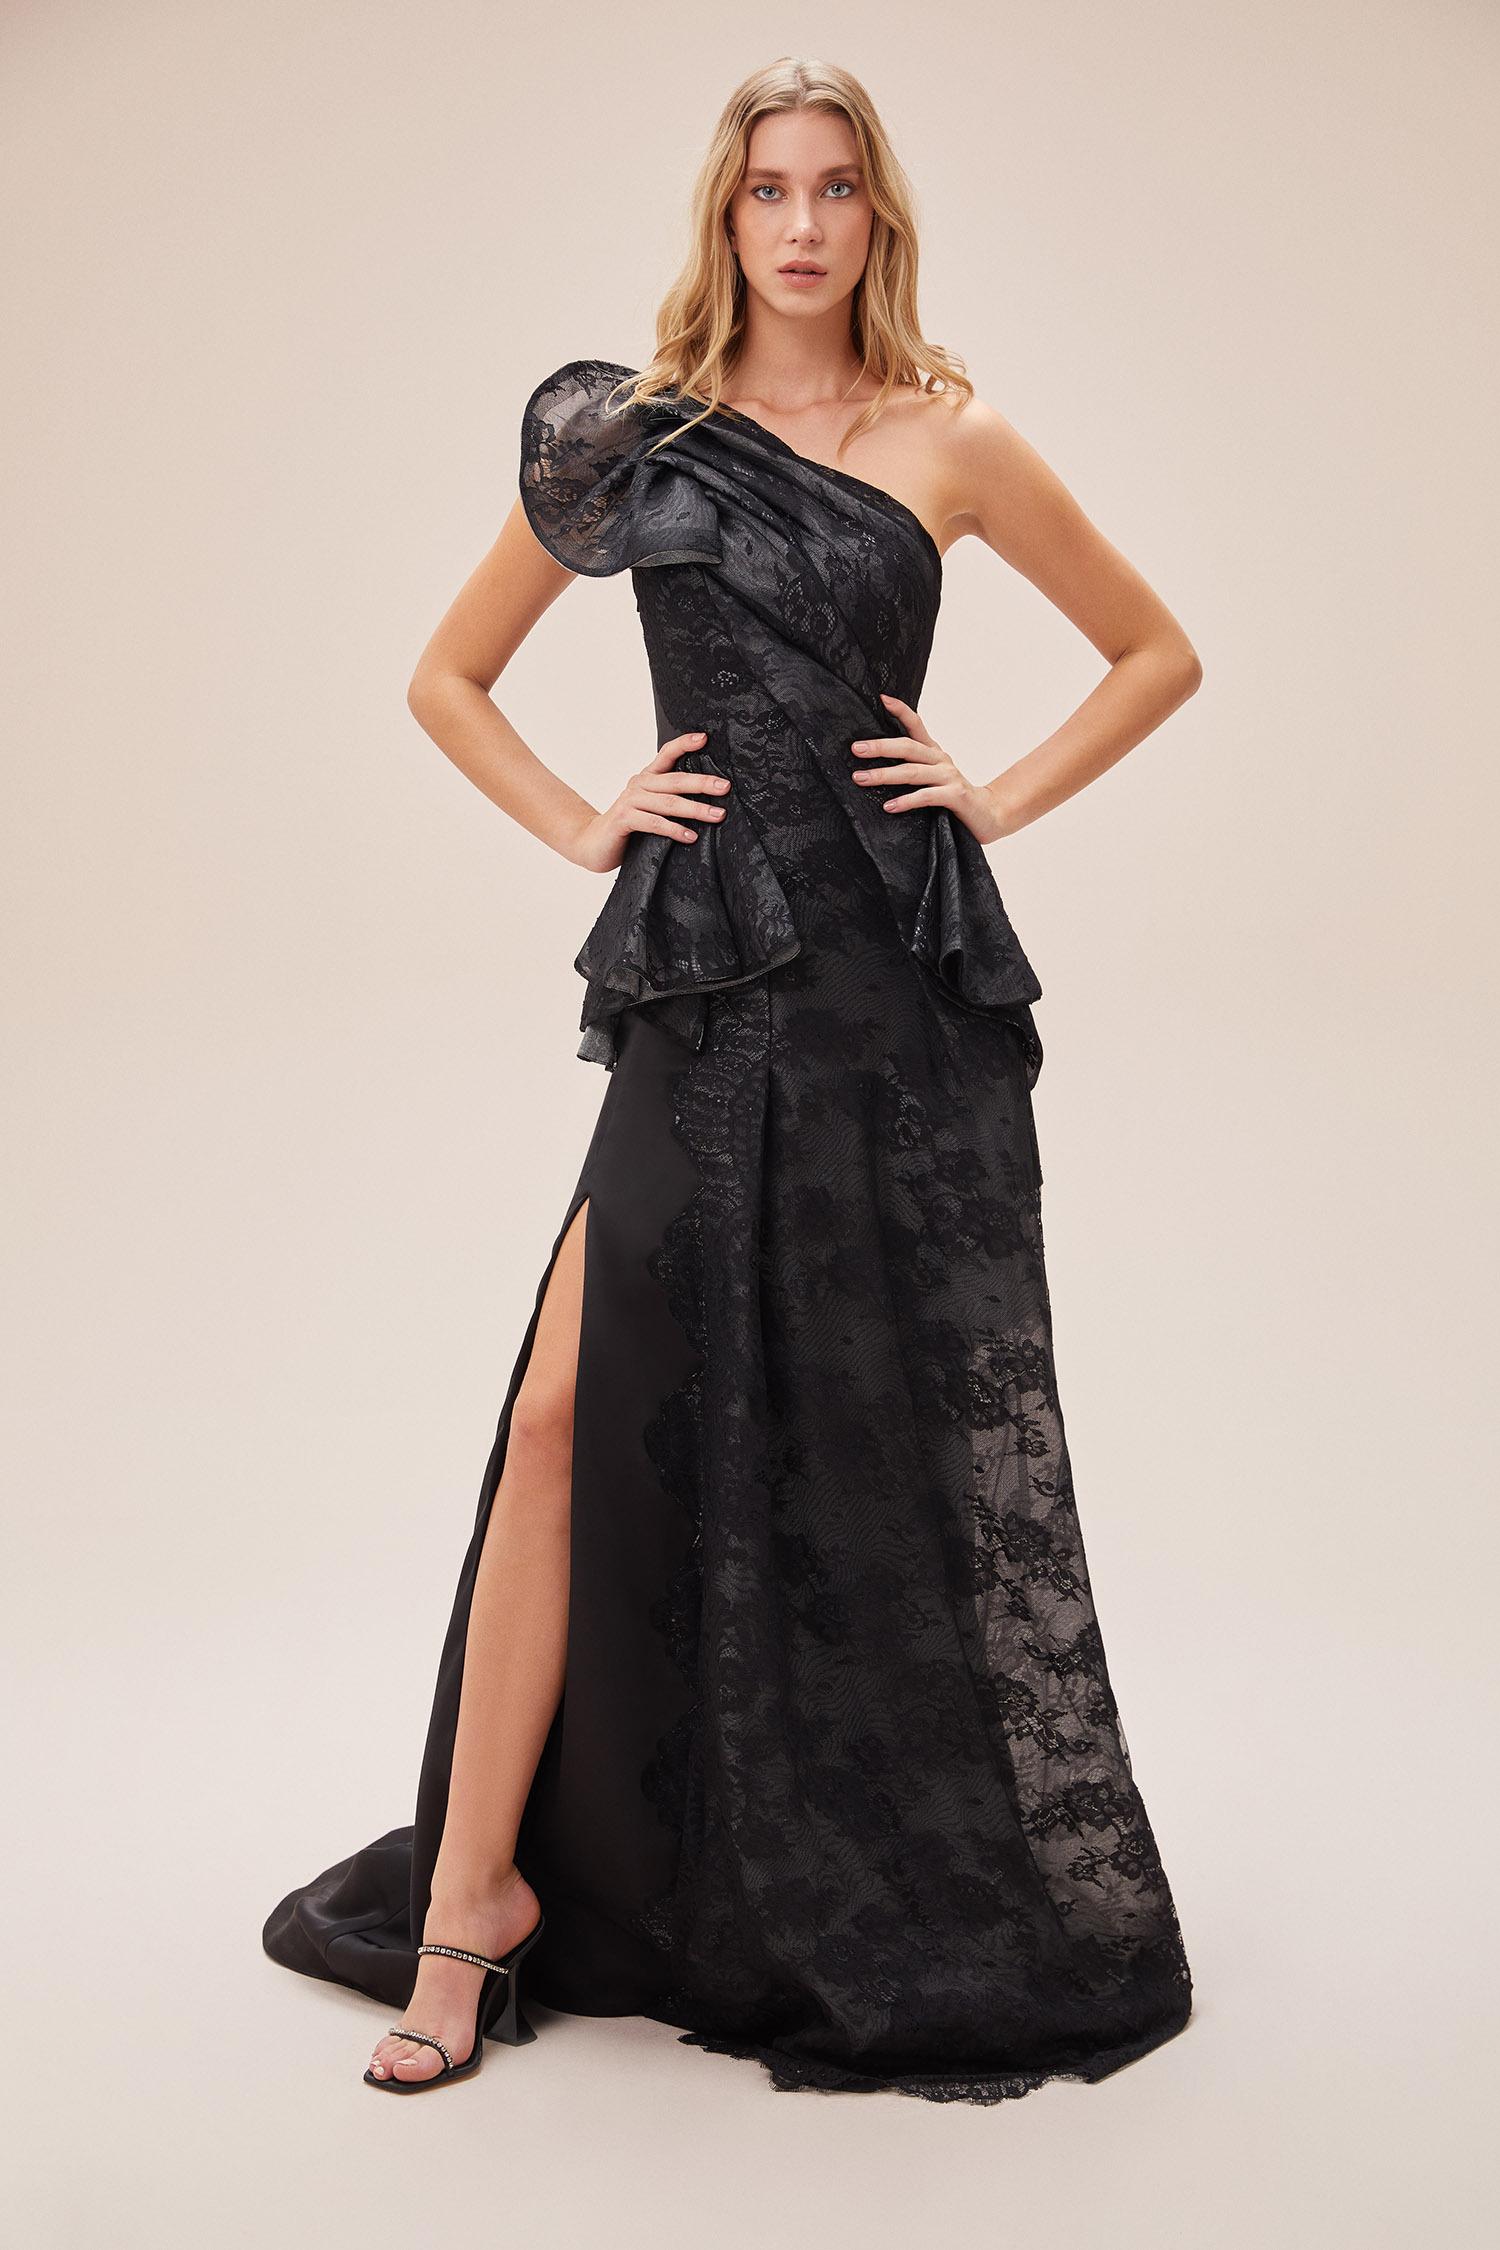 Siyah Dantel İşlemeli Tek Omuzlu Yırtmaçlı Elbise - Thumbnail